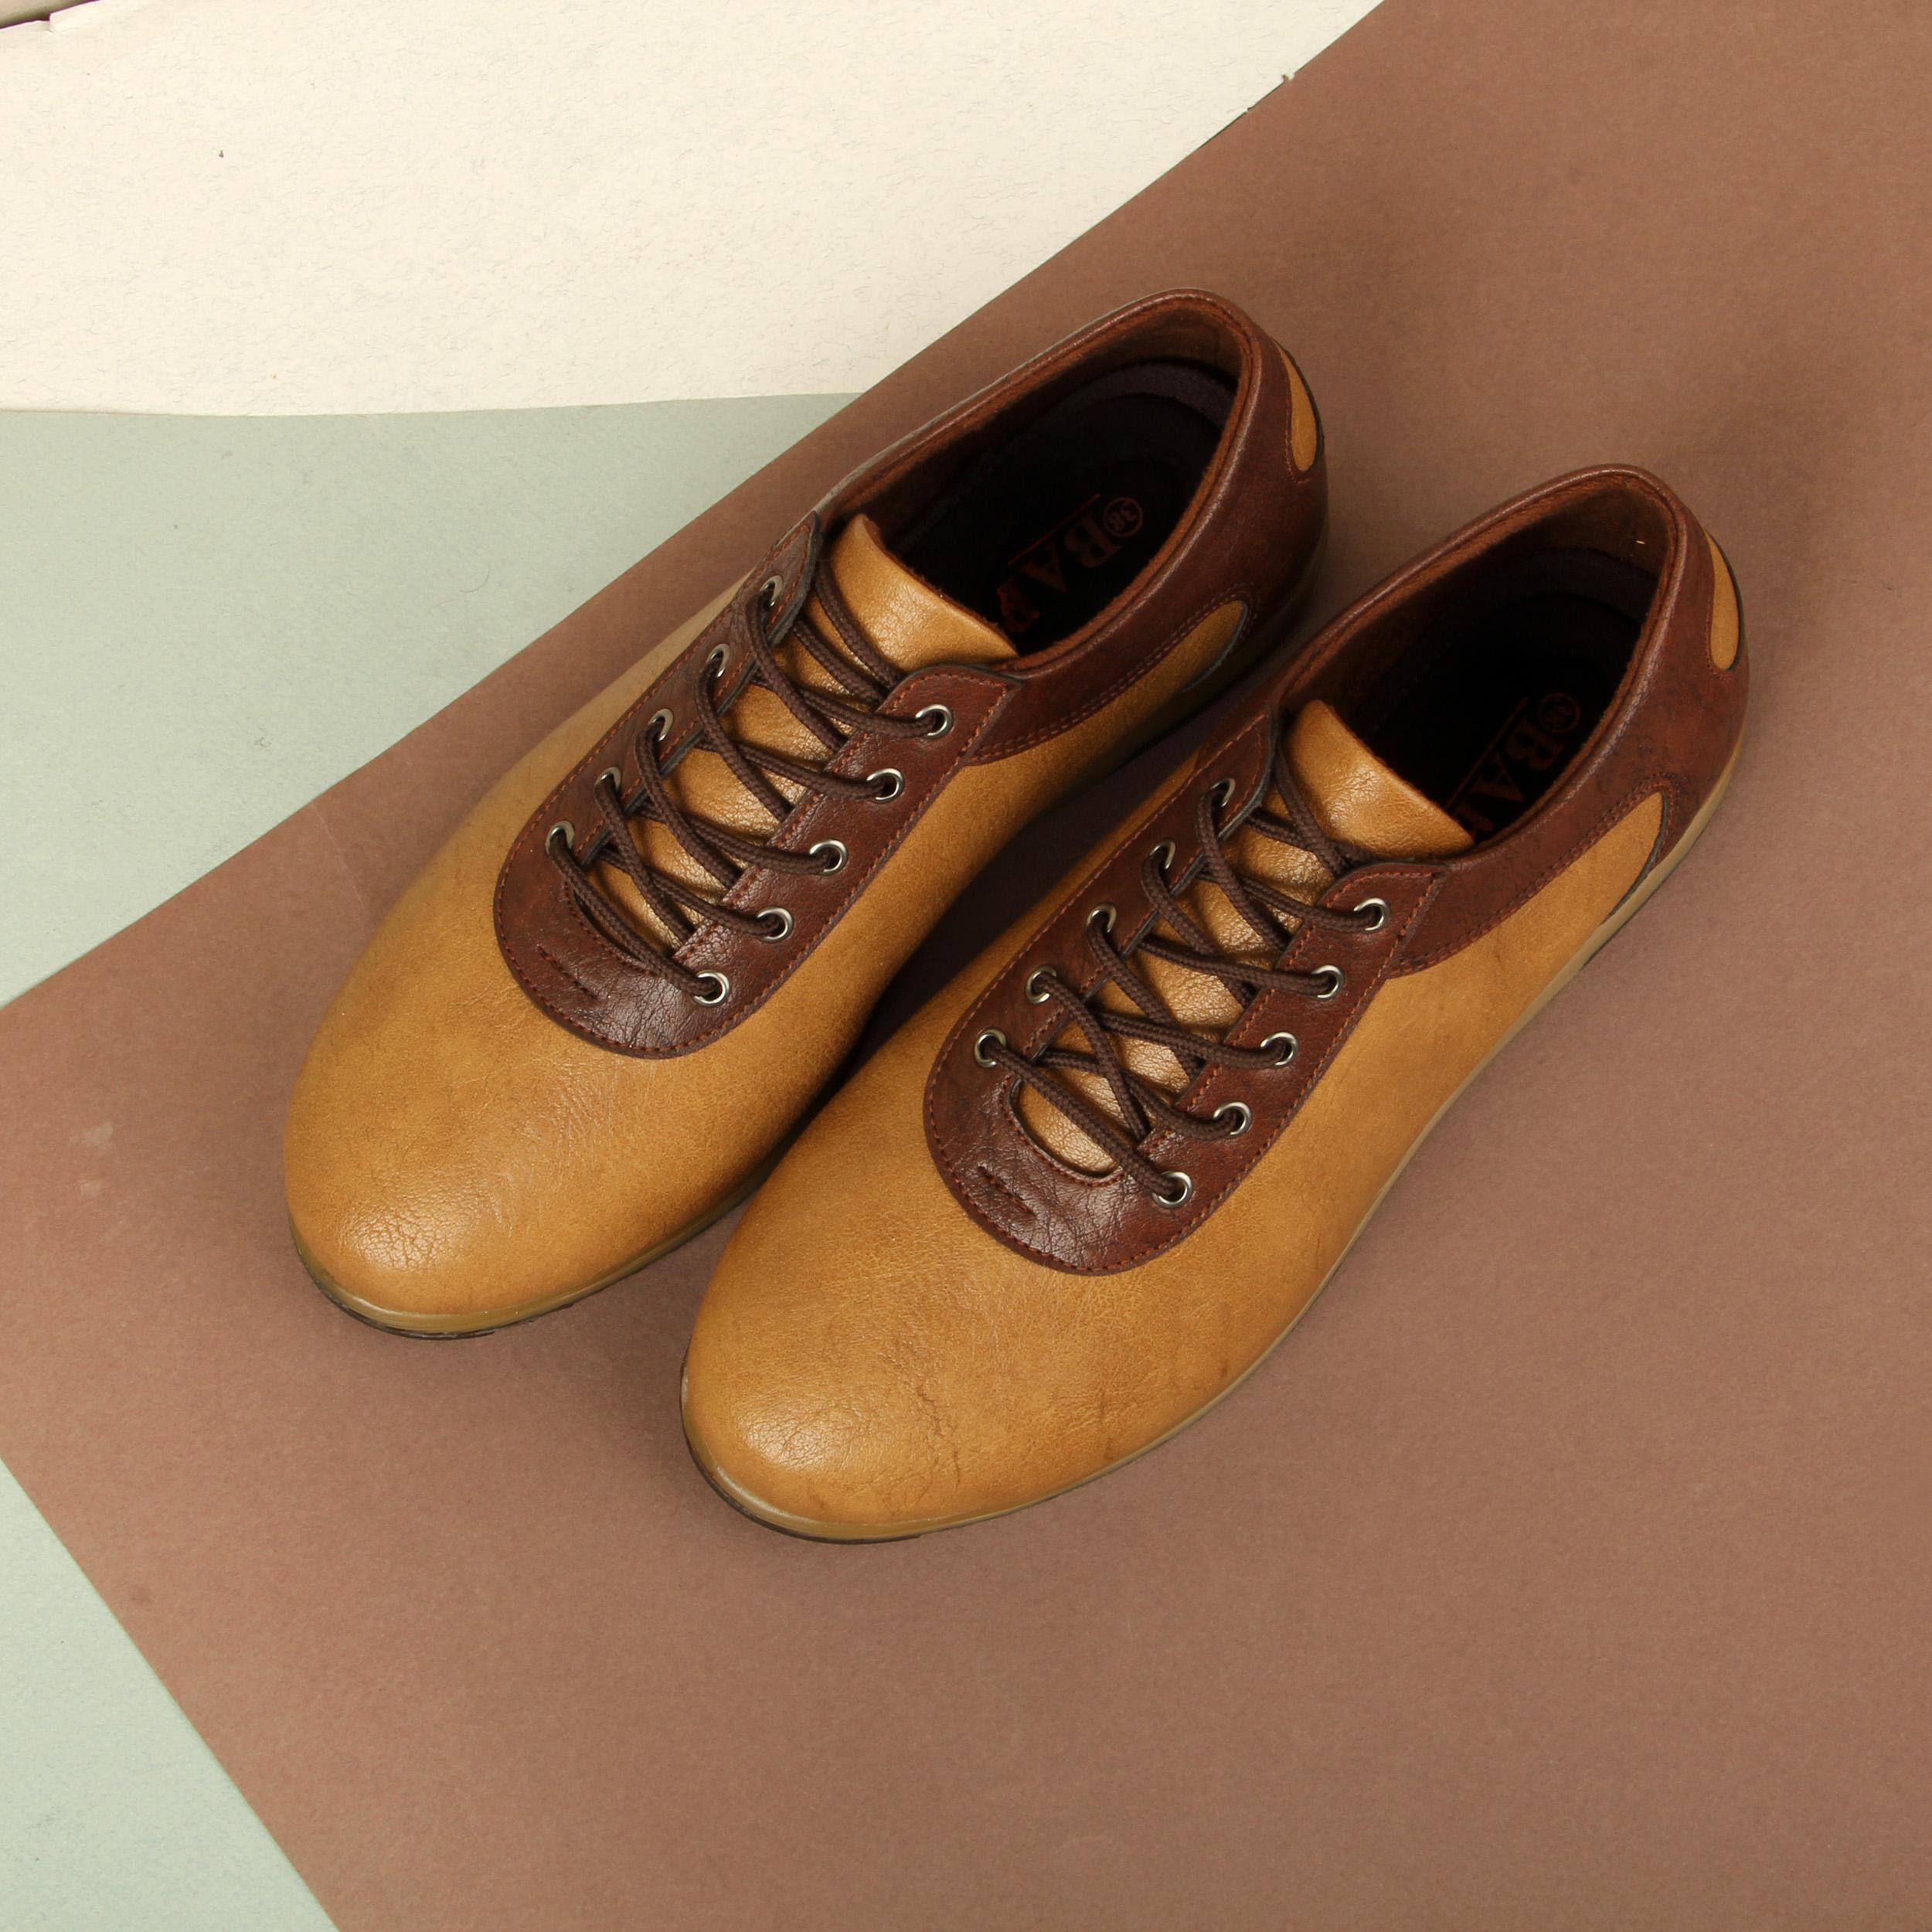 ست کیف و کفش زنانه باب مدل ثمین کد 928-3 thumb 1